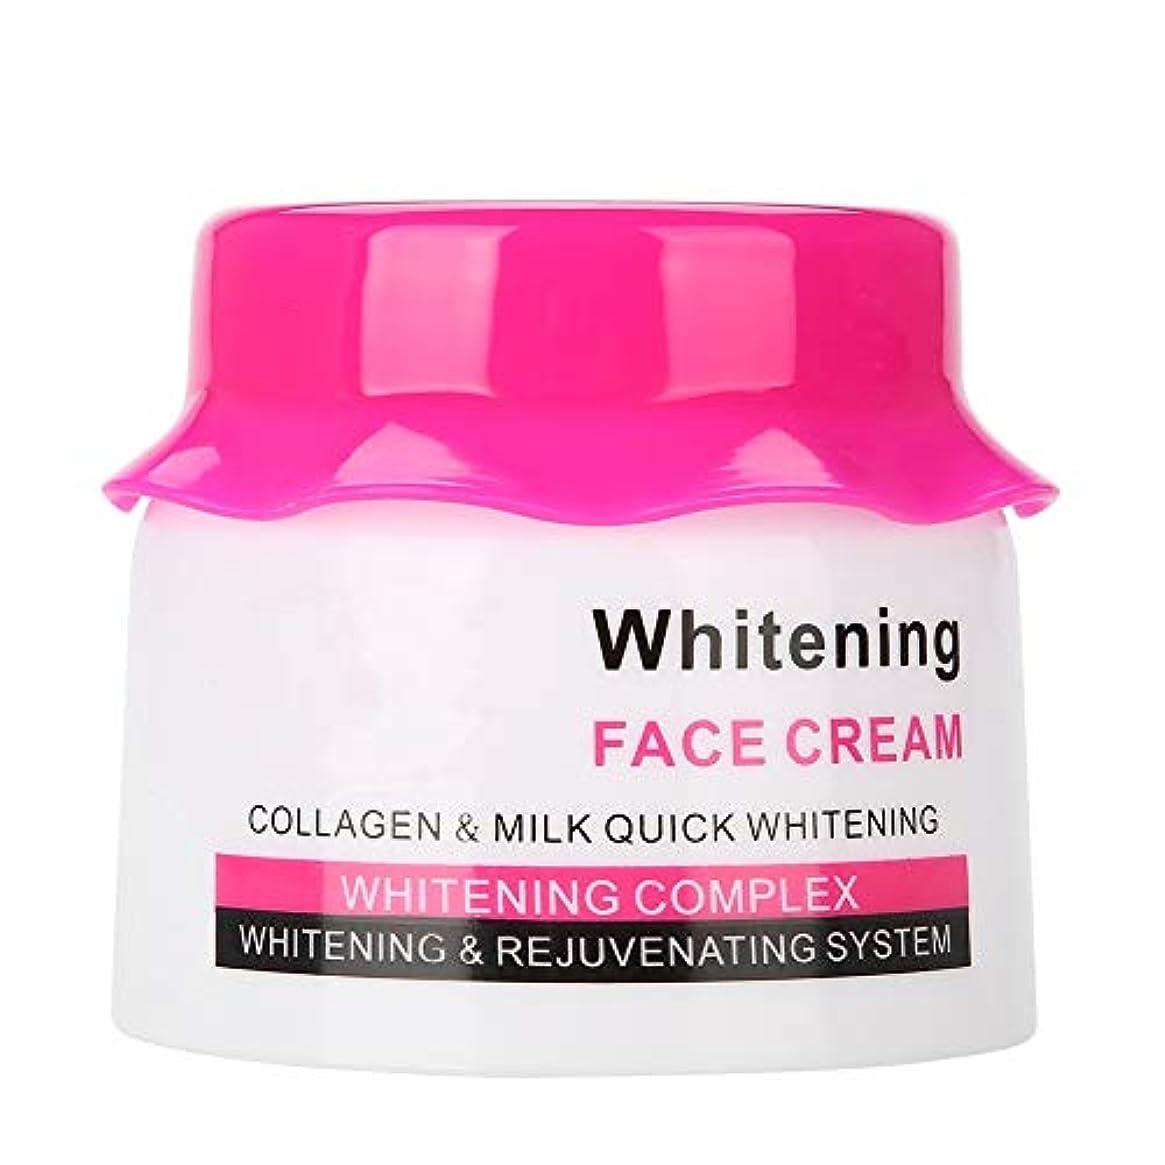 キウイ与える戦術天然コラーゲン、肌のリラクゼーションと引き締まった肌の多機能、保湿引き締めフェイシャルシュリンクポアケア肌を白くするフェイシャルクリーム